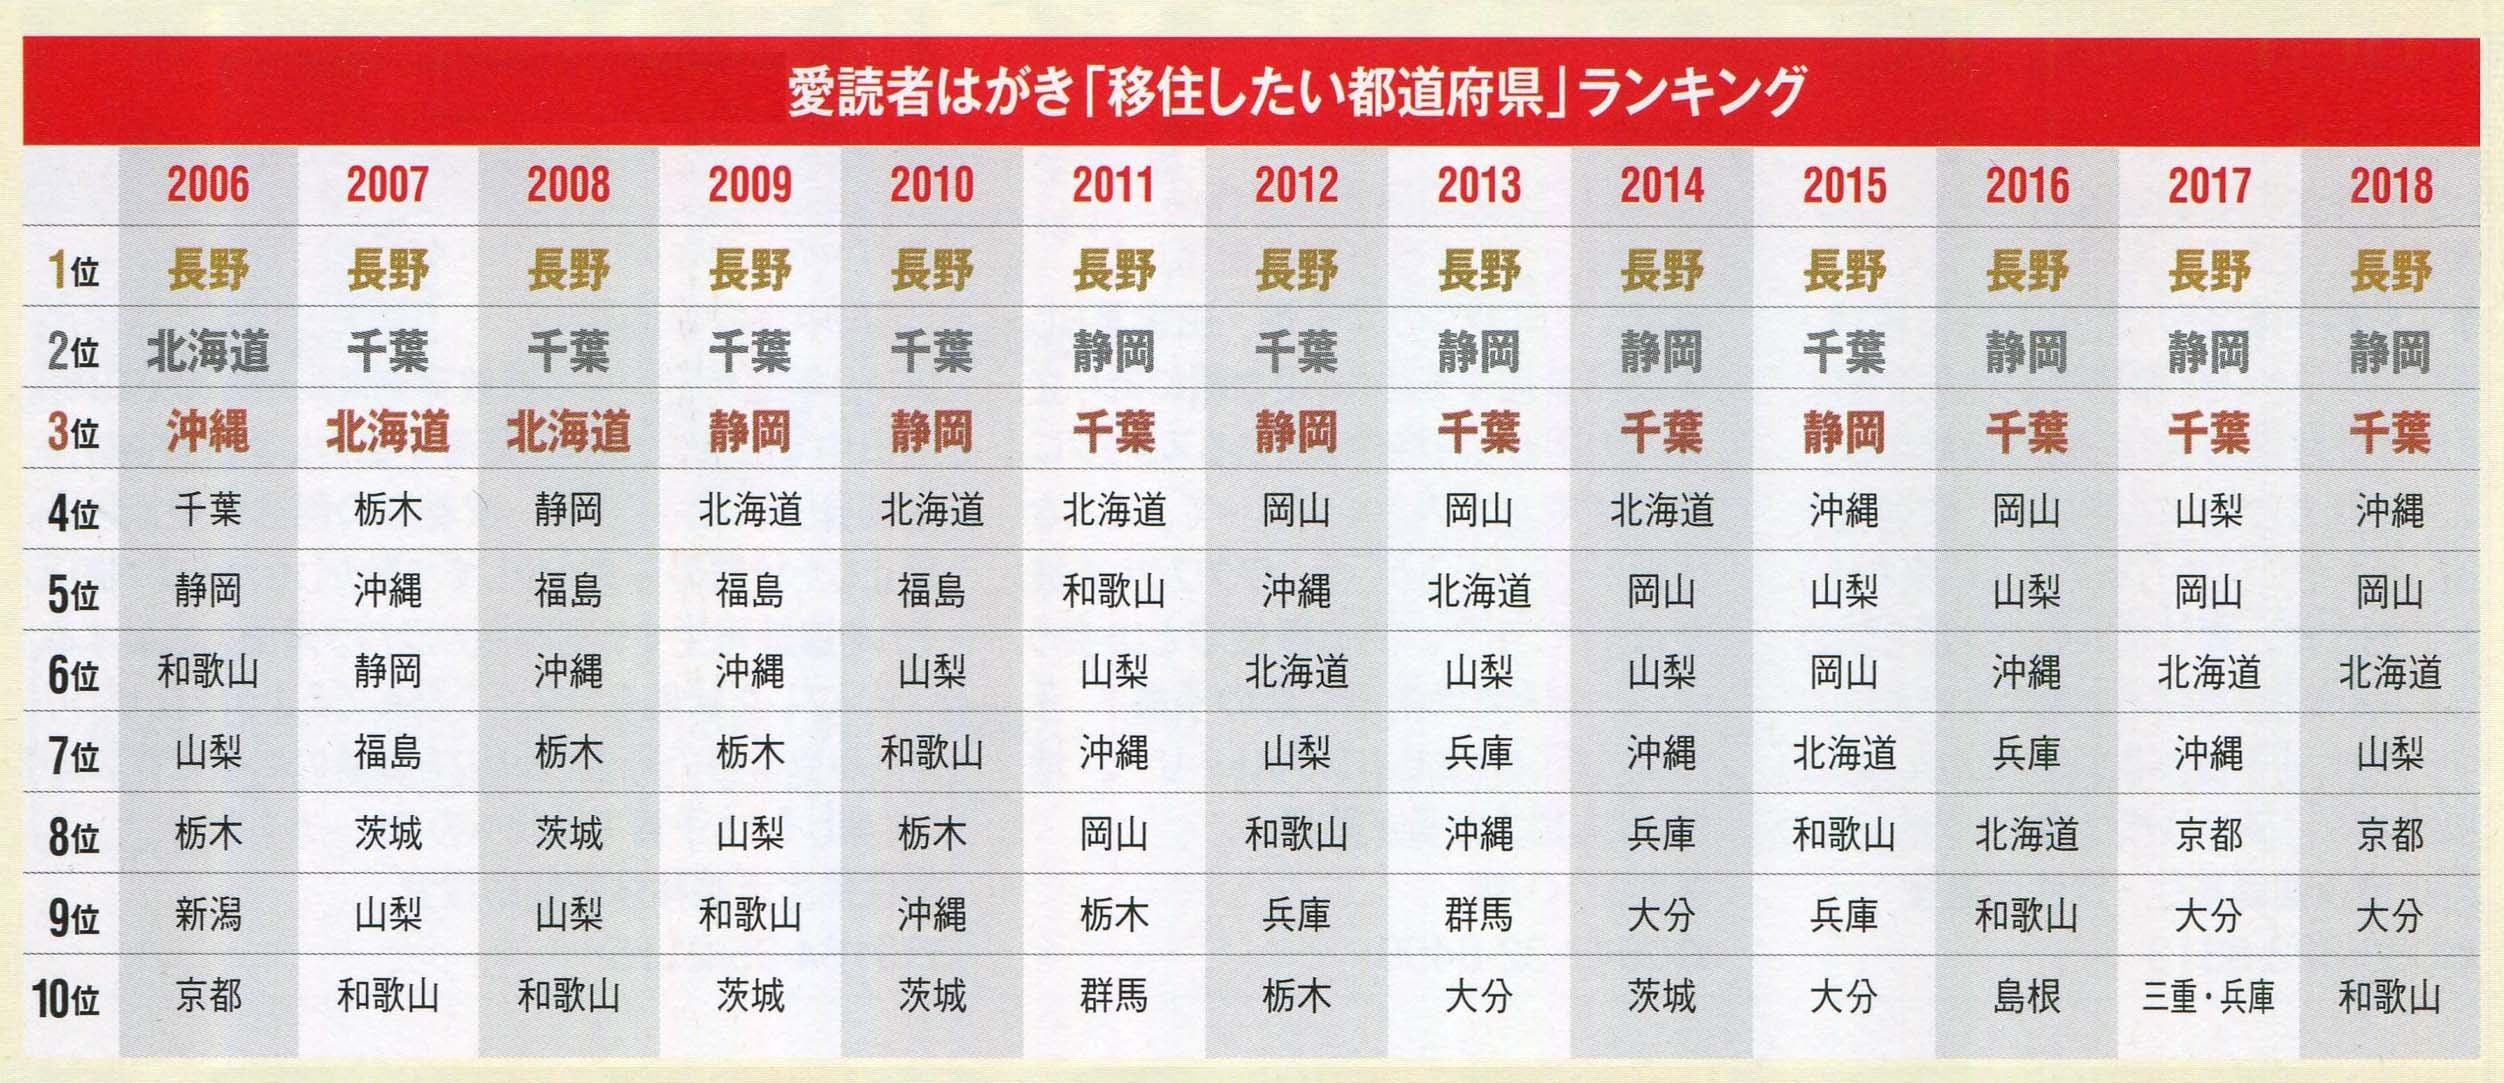 【朗報】長野県、移住したい都道府県ランキングで13年連続1位を獲得